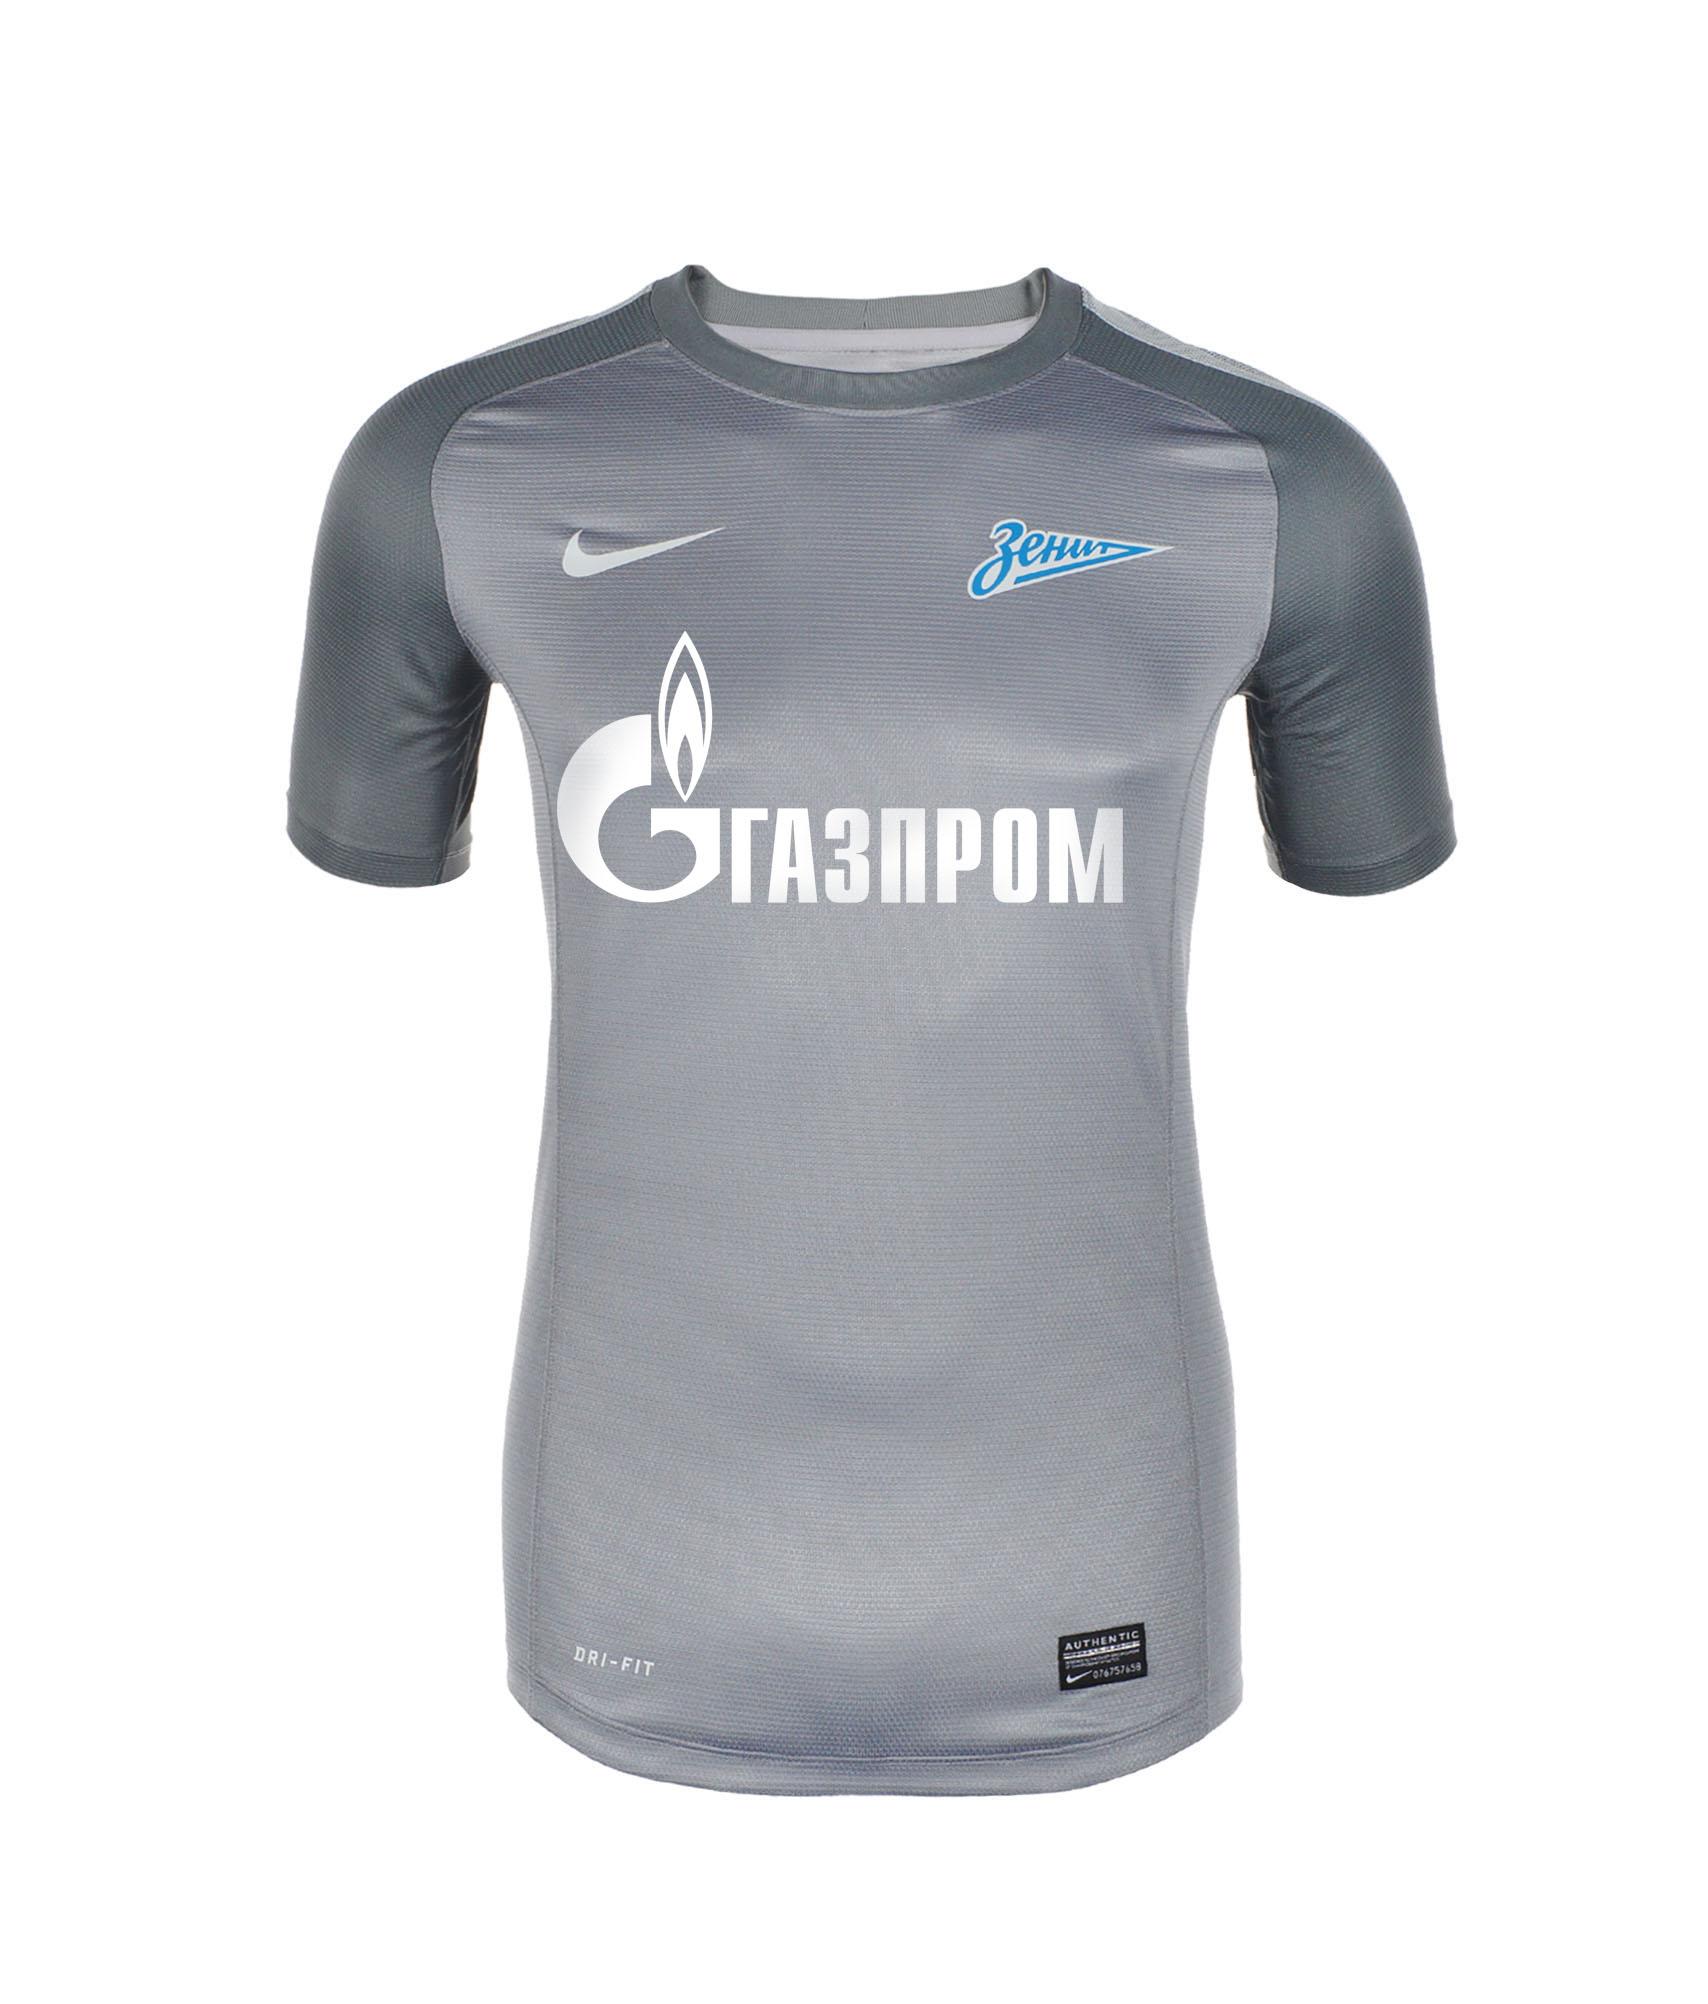 Футболка вратарская, Цвет-Серый, Размер-XL